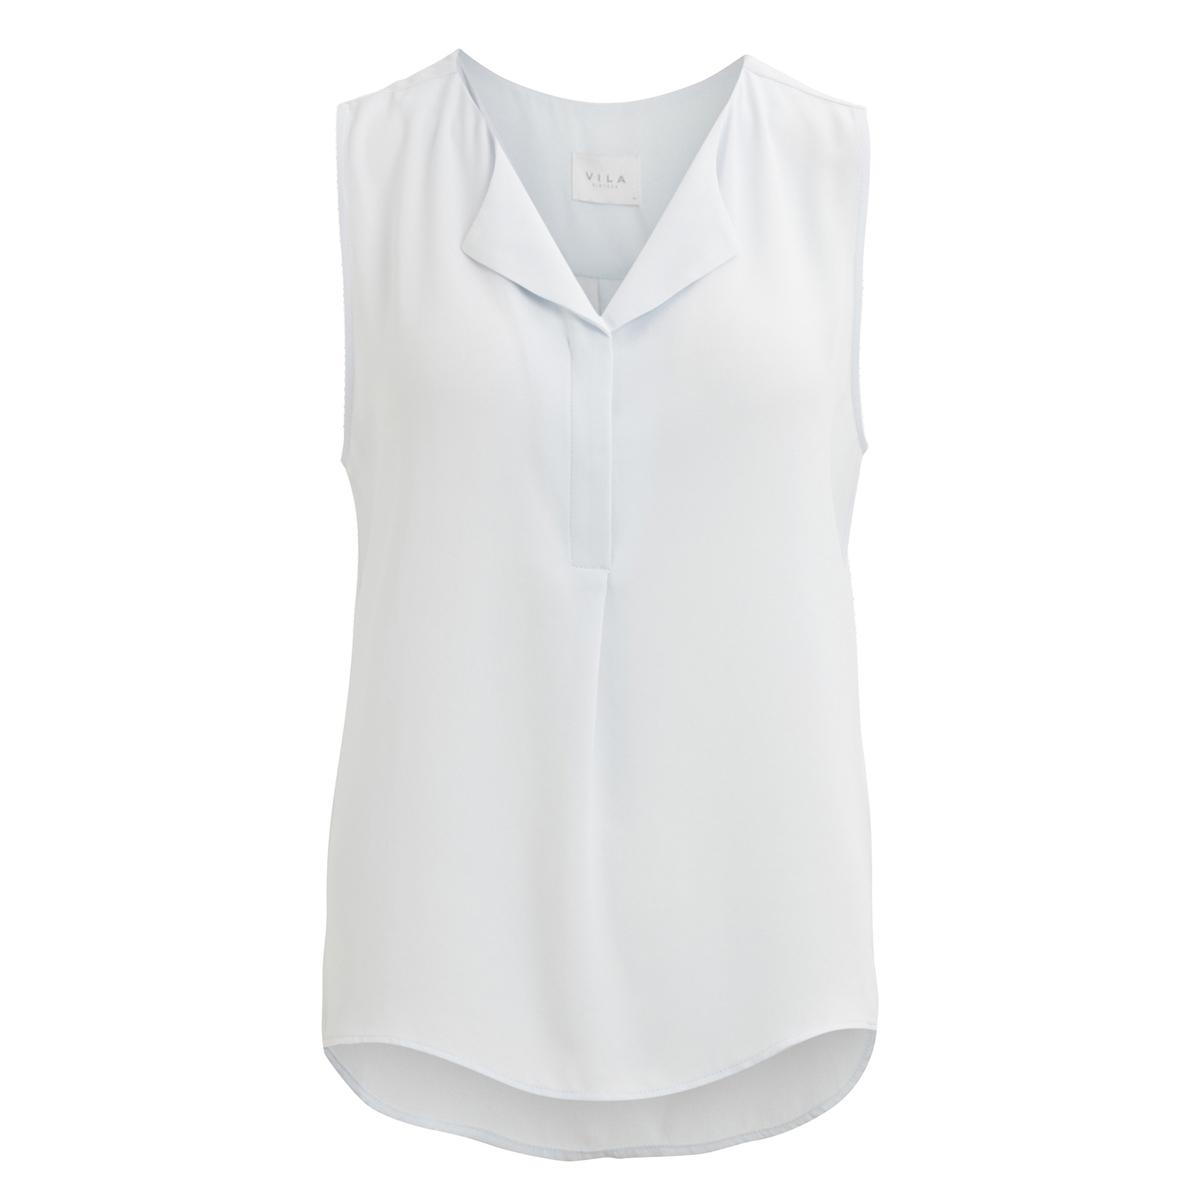 Блузка с v-образным вырезом без рукавов lovaru ™ 2015 летний стиль женщин моды платье без рукавов мини v образным вырезом высокое качество мягкие и удобные платья горячей продажи